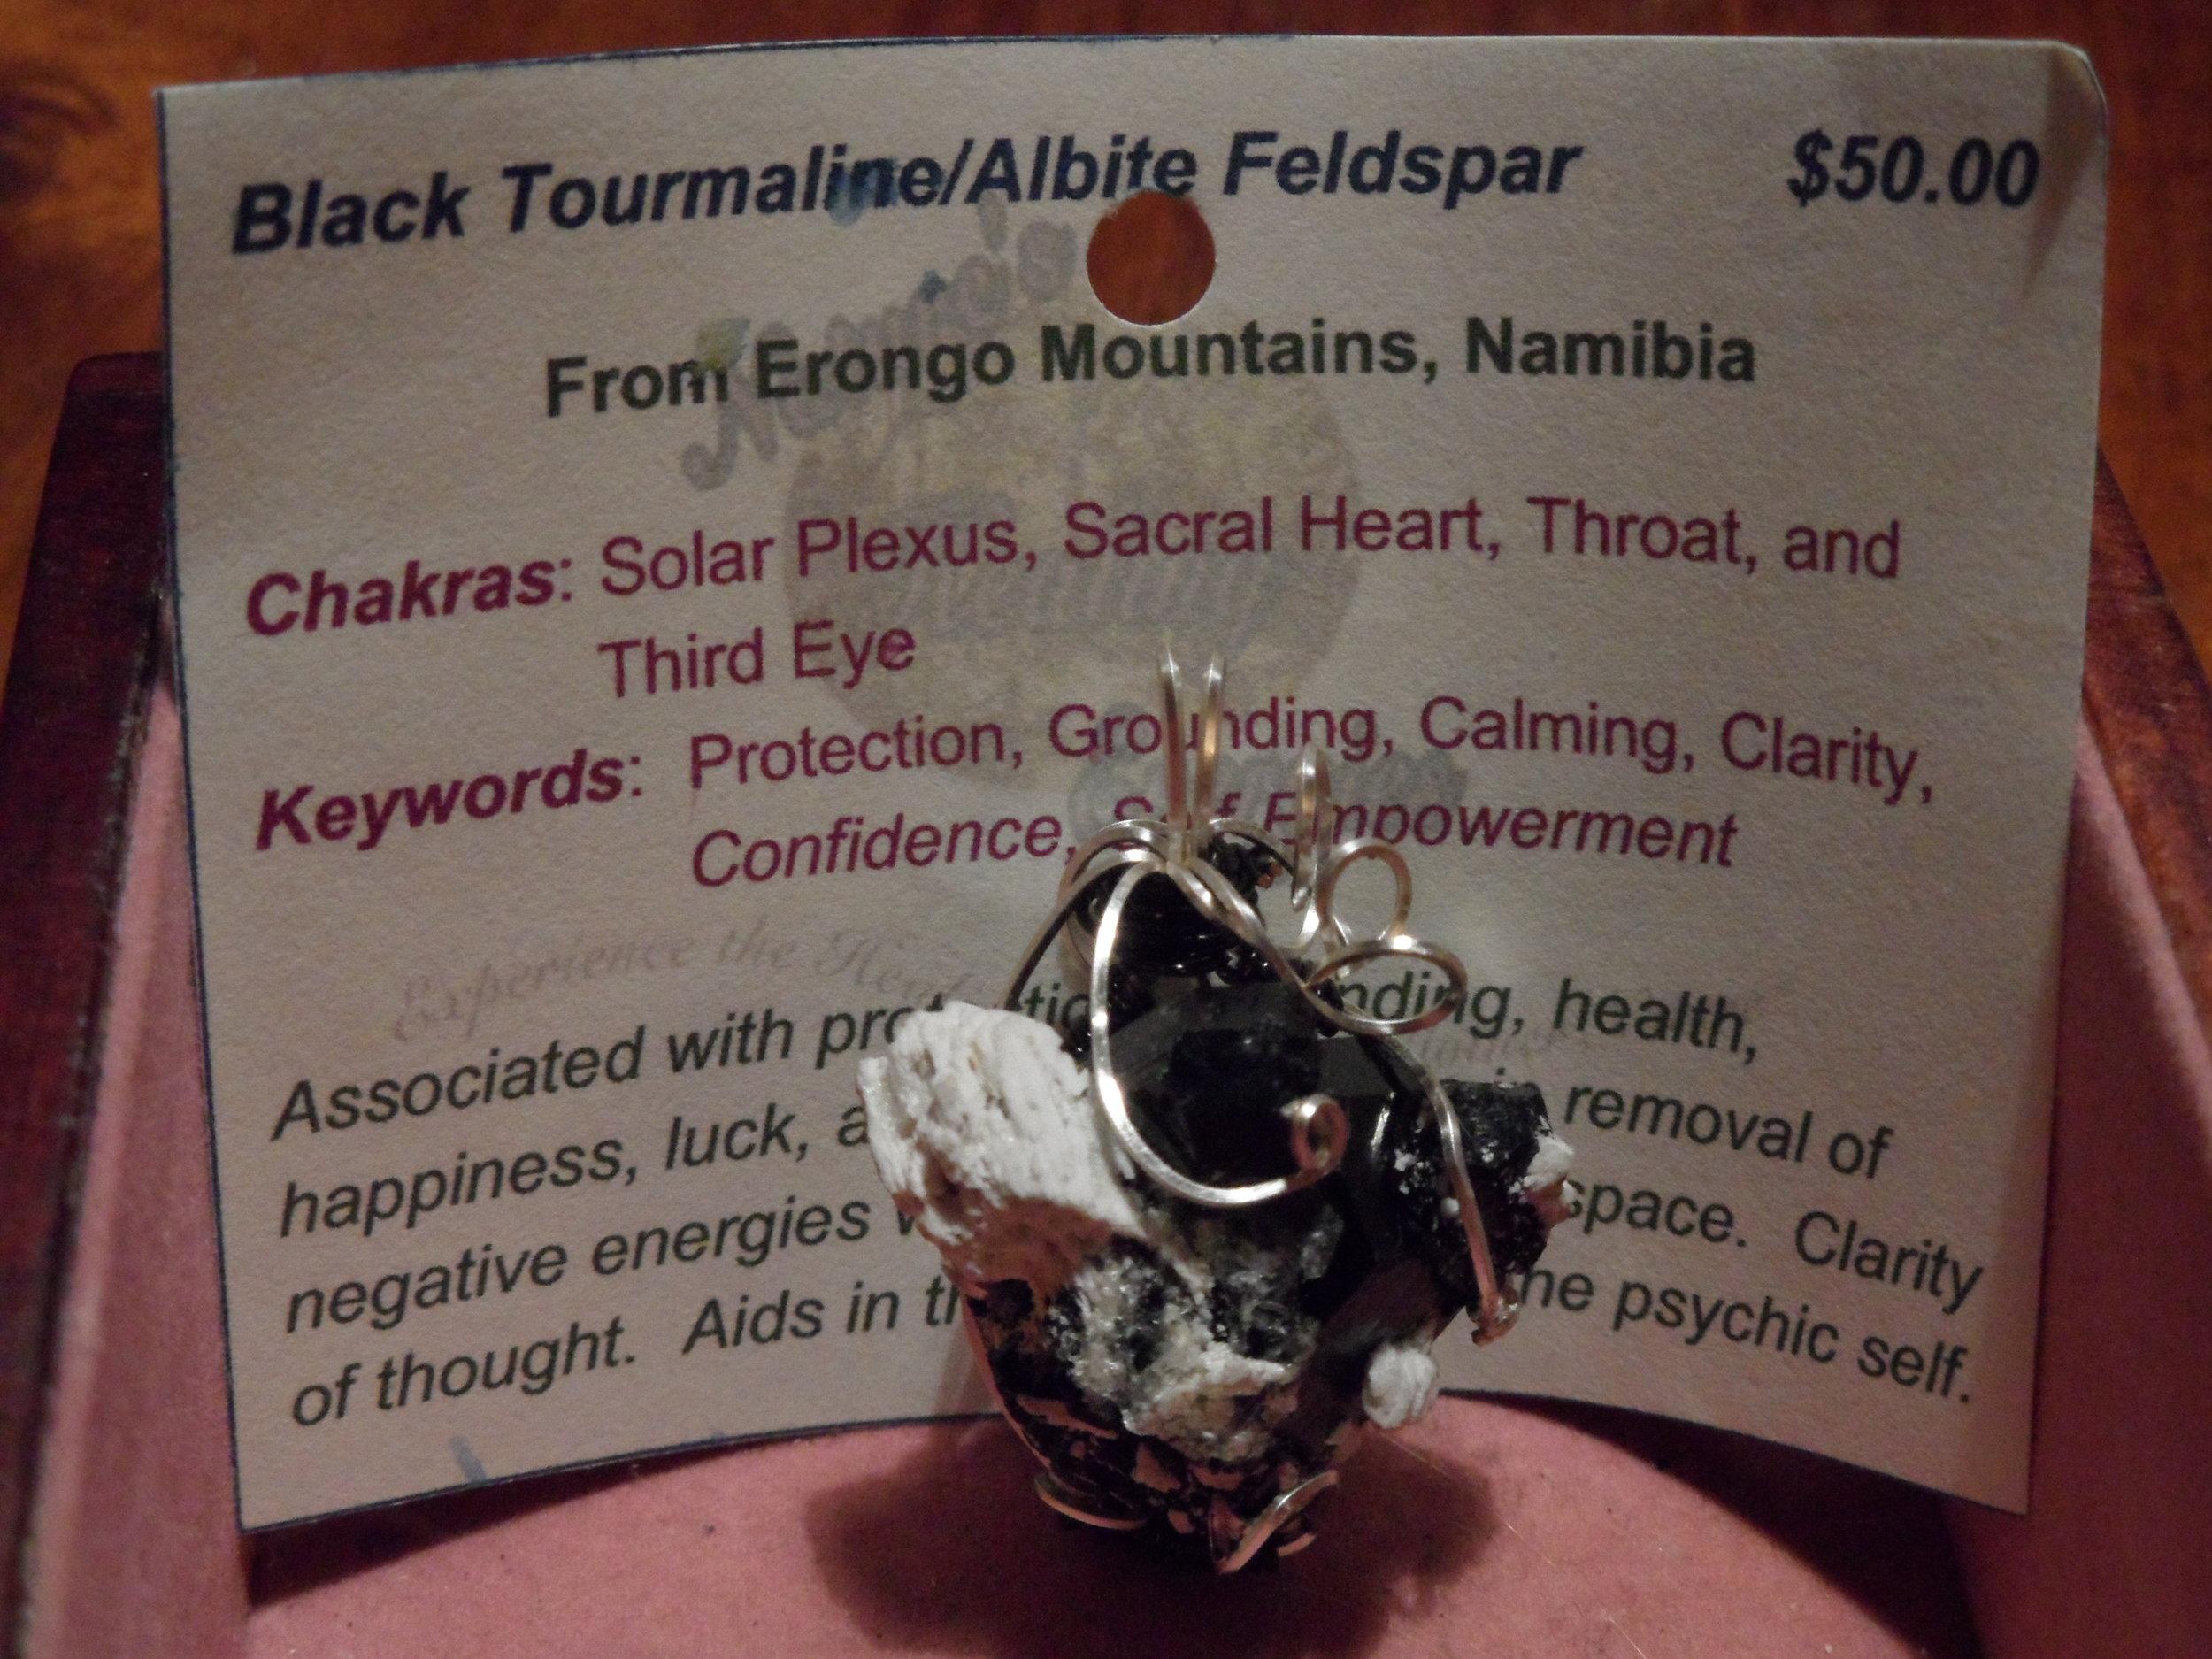 Black Tourmaline/Albite Feldspar